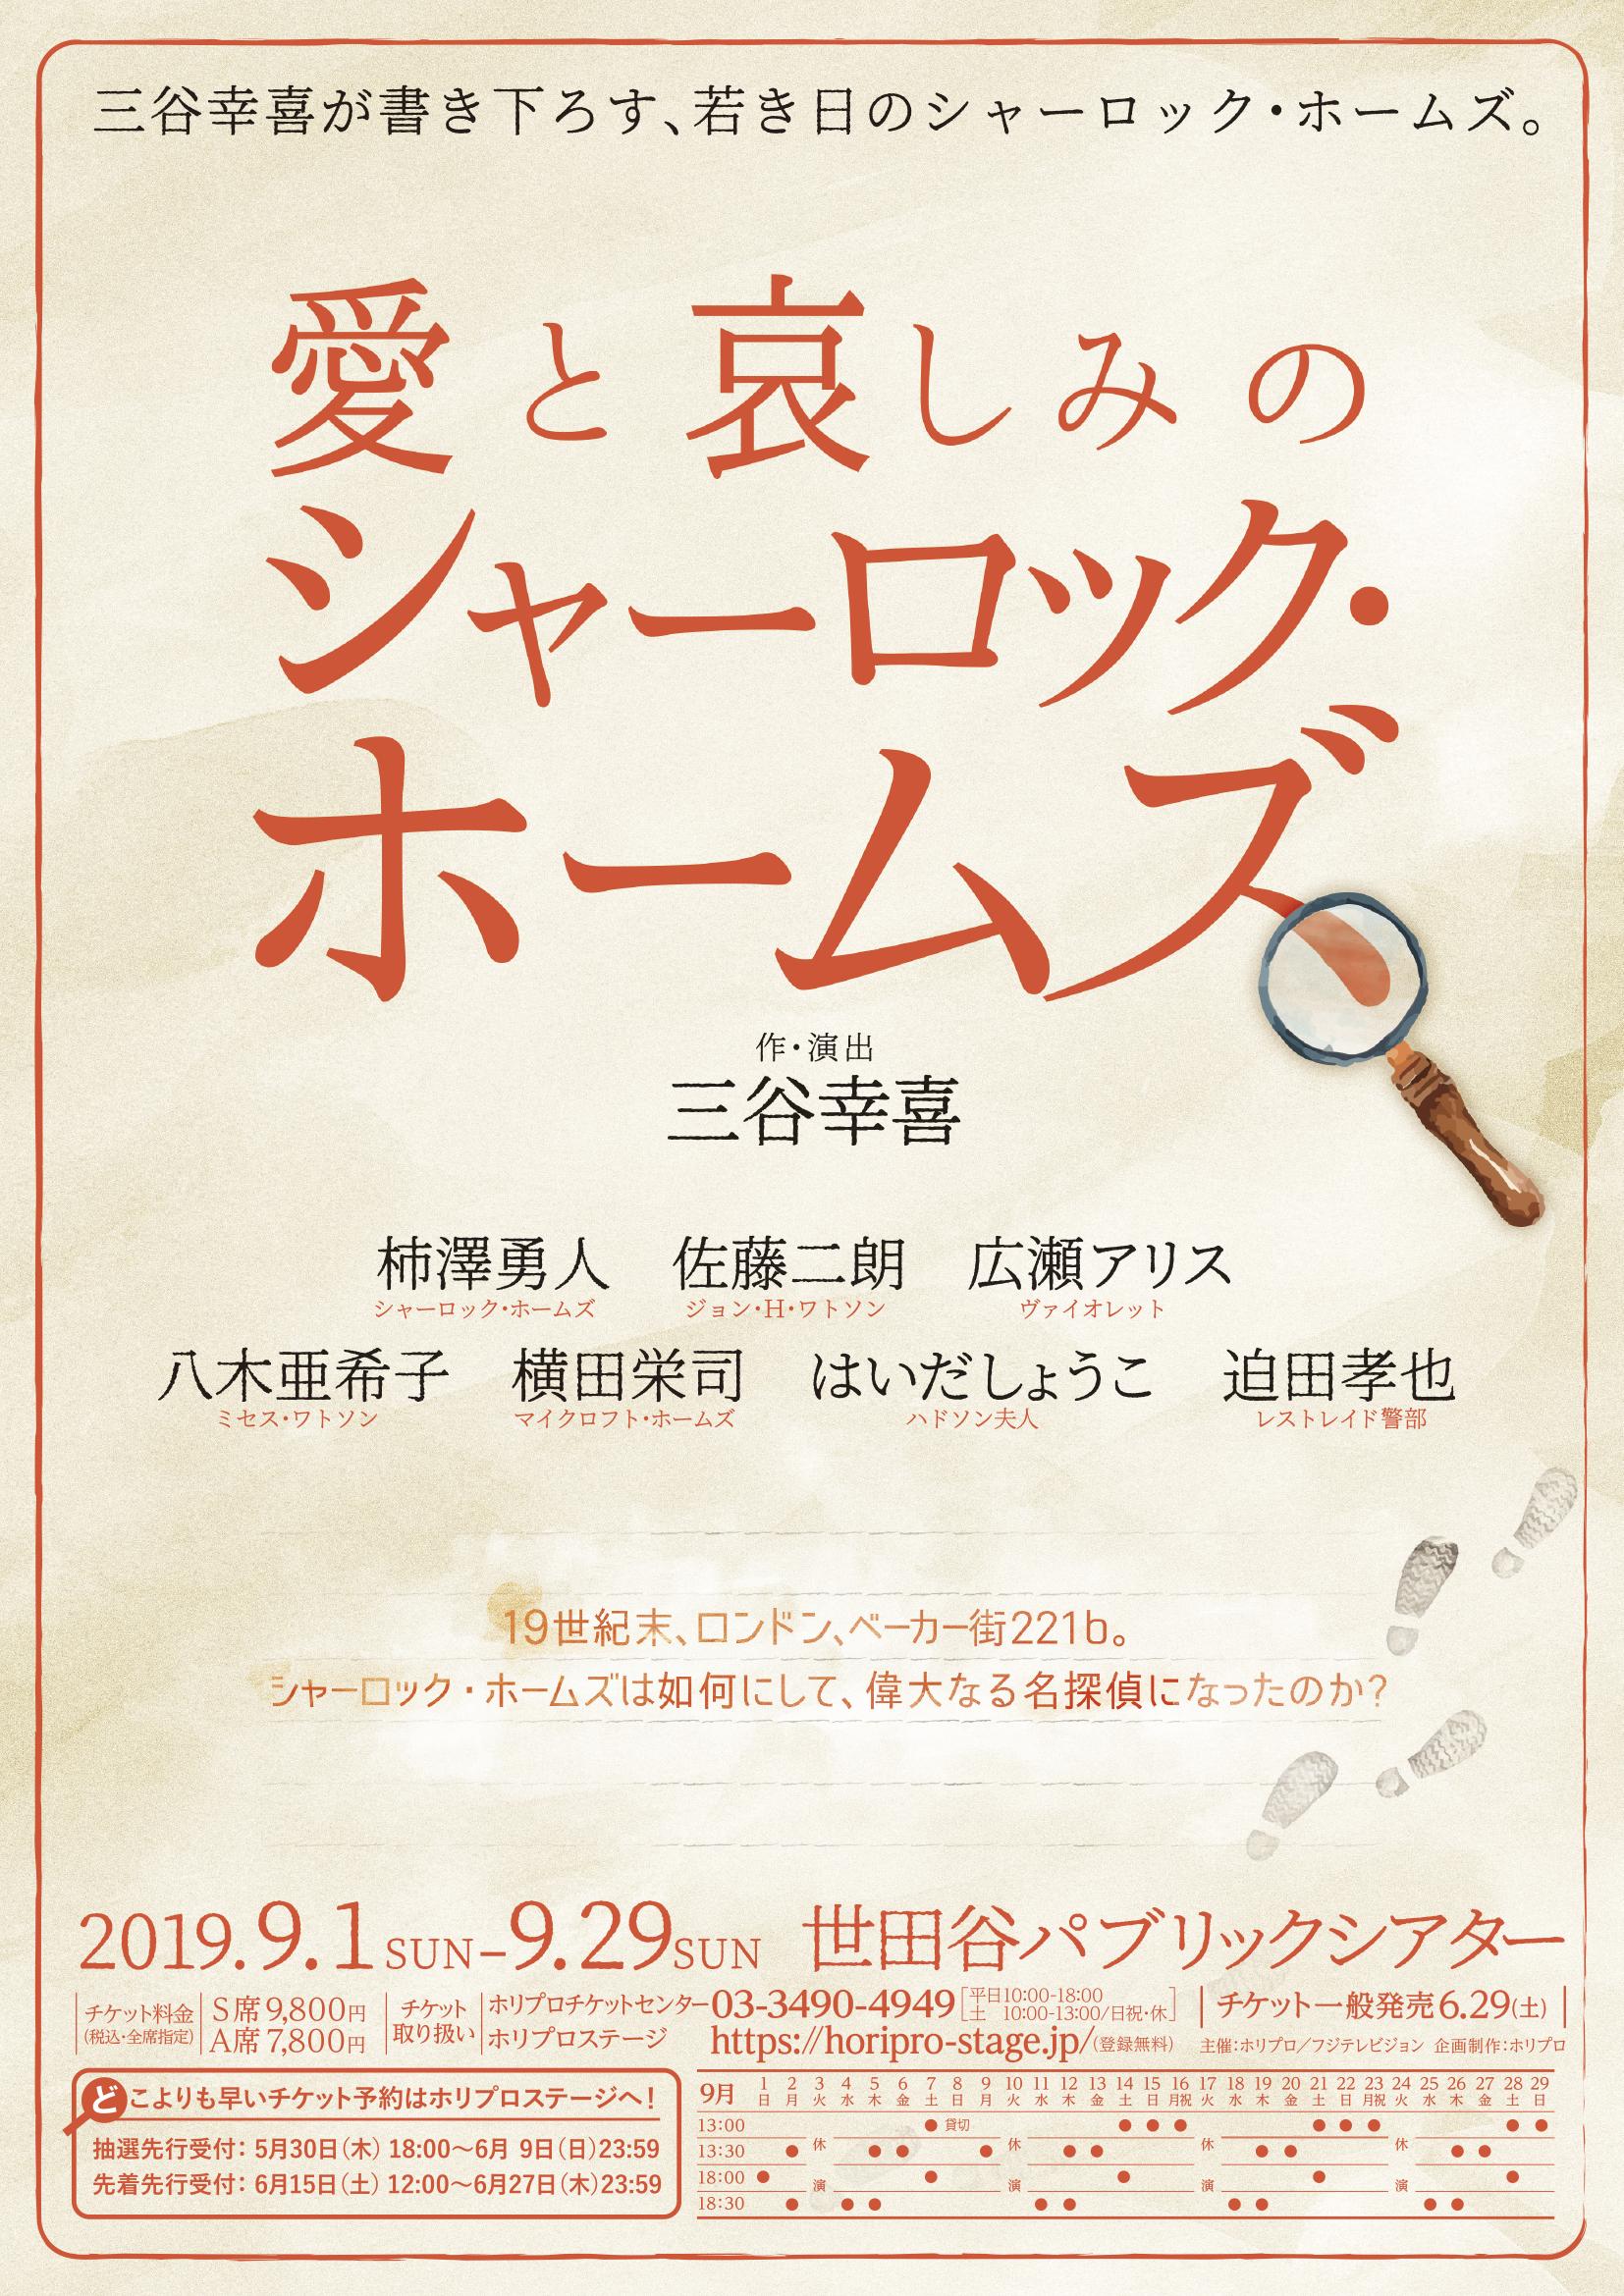 『愛と哀しみのシャーロック・ホームズ』東京公演 価格、先行日程、公演スケジュール発表!